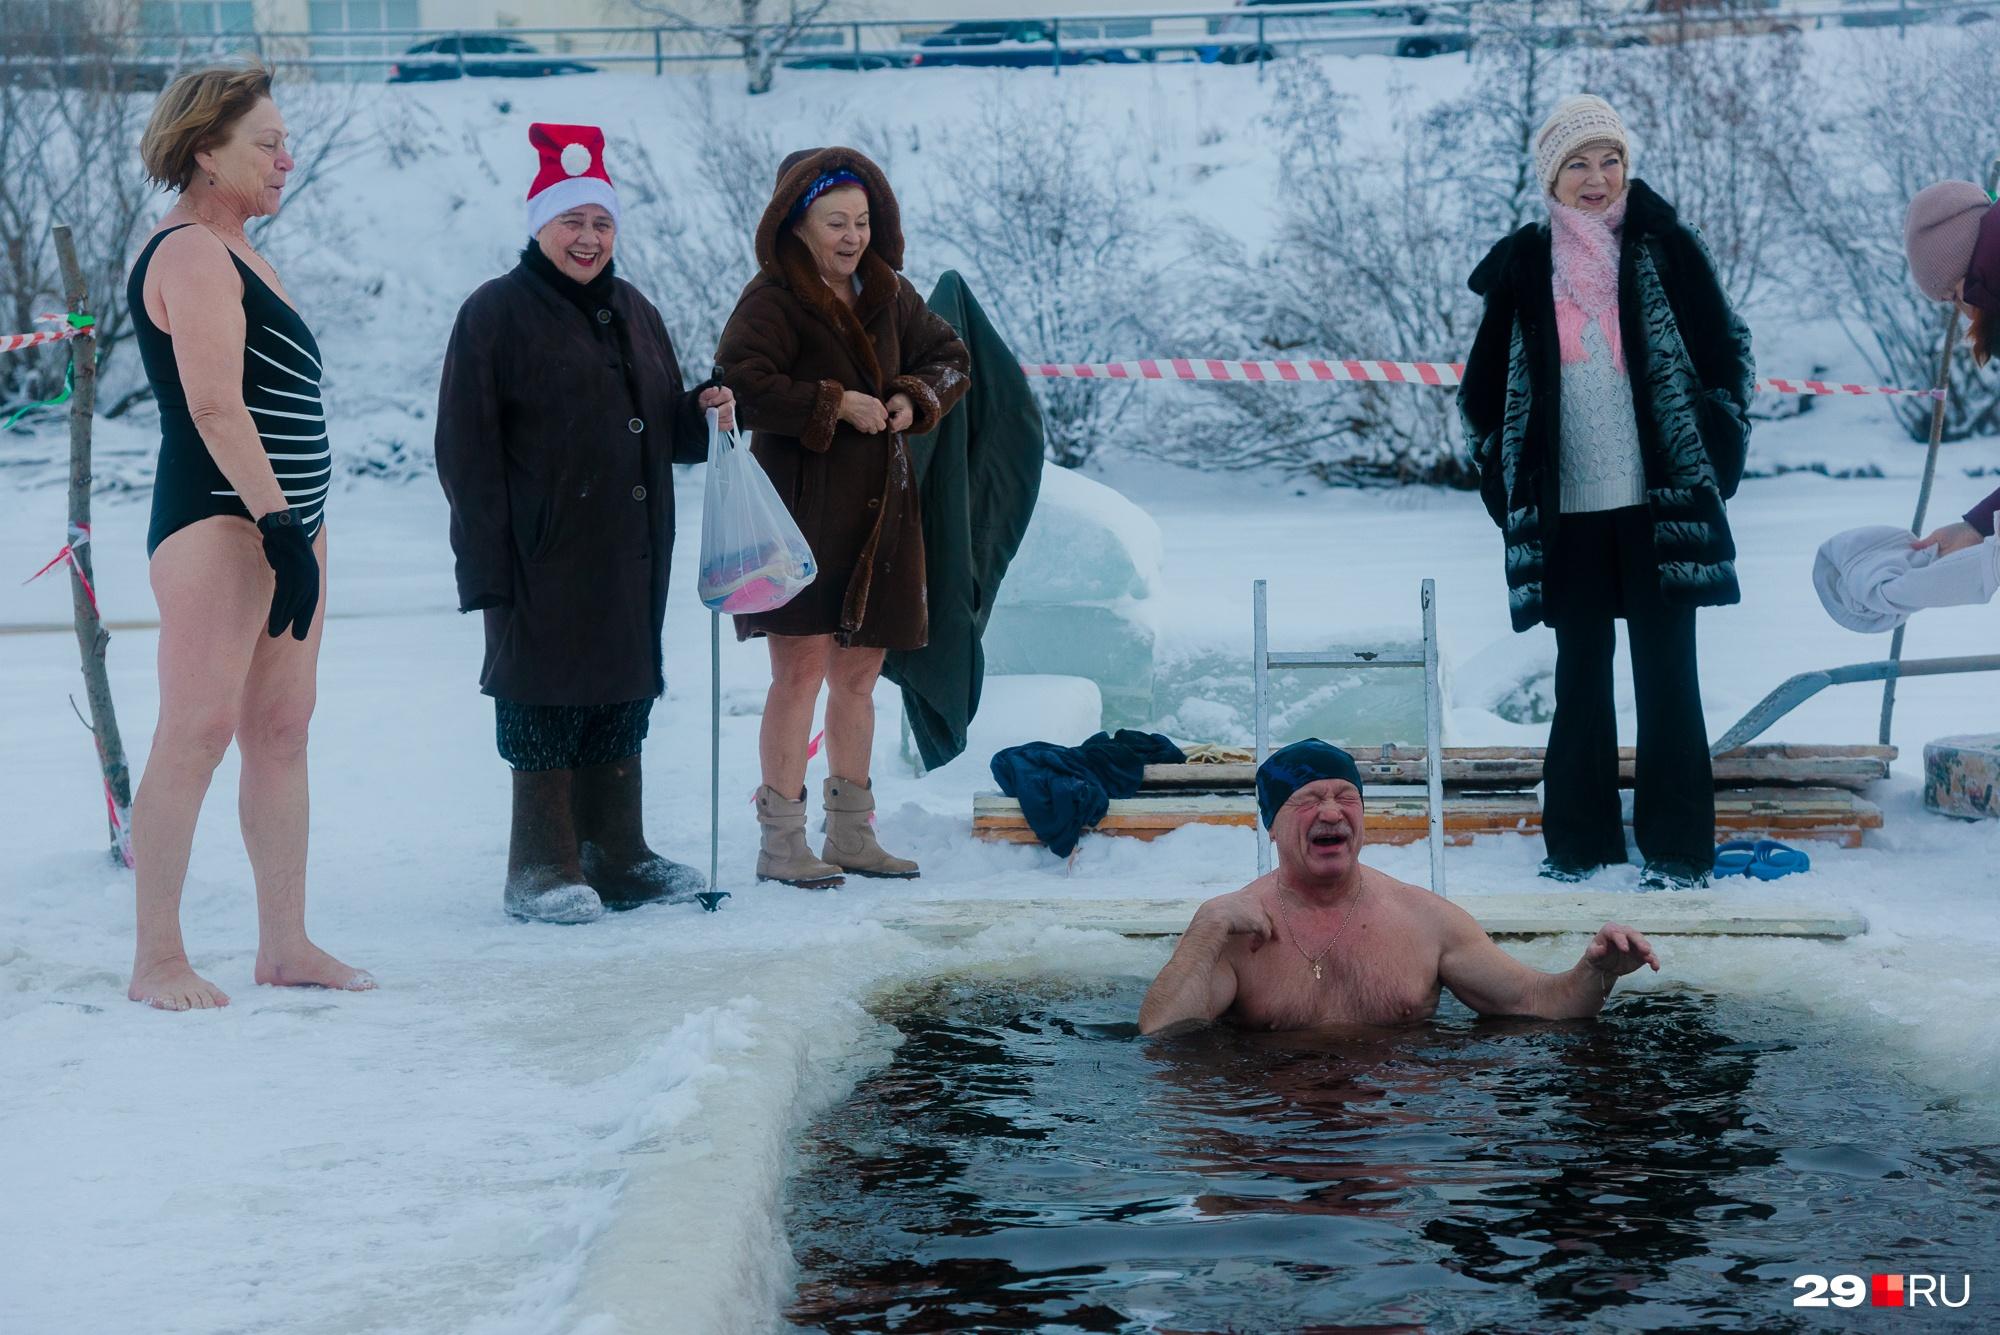 Бывалые моржи советуют после купаний хорошо вытереться и сразу же одеться